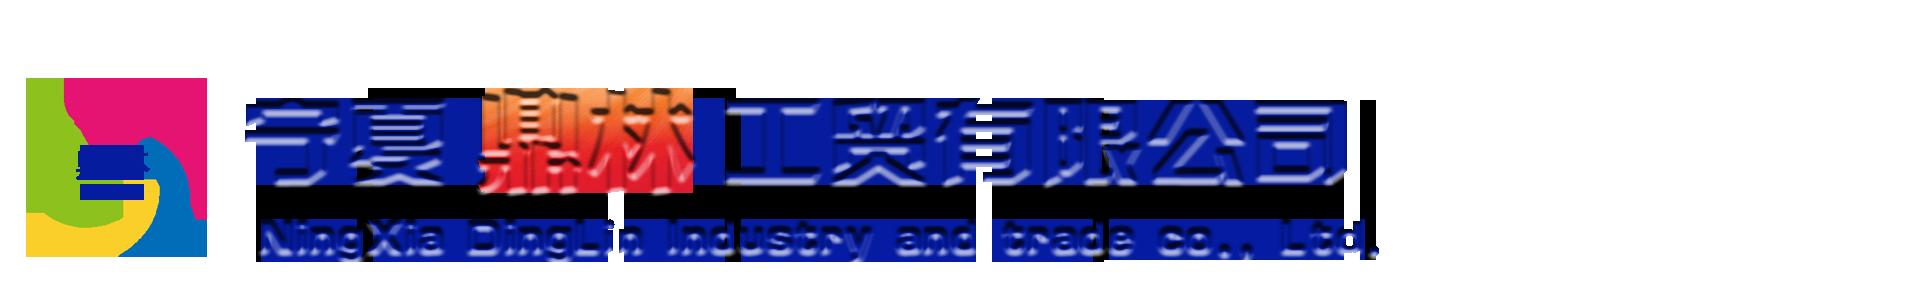 亚博体育网页版yabo2018官网工贸有限公司